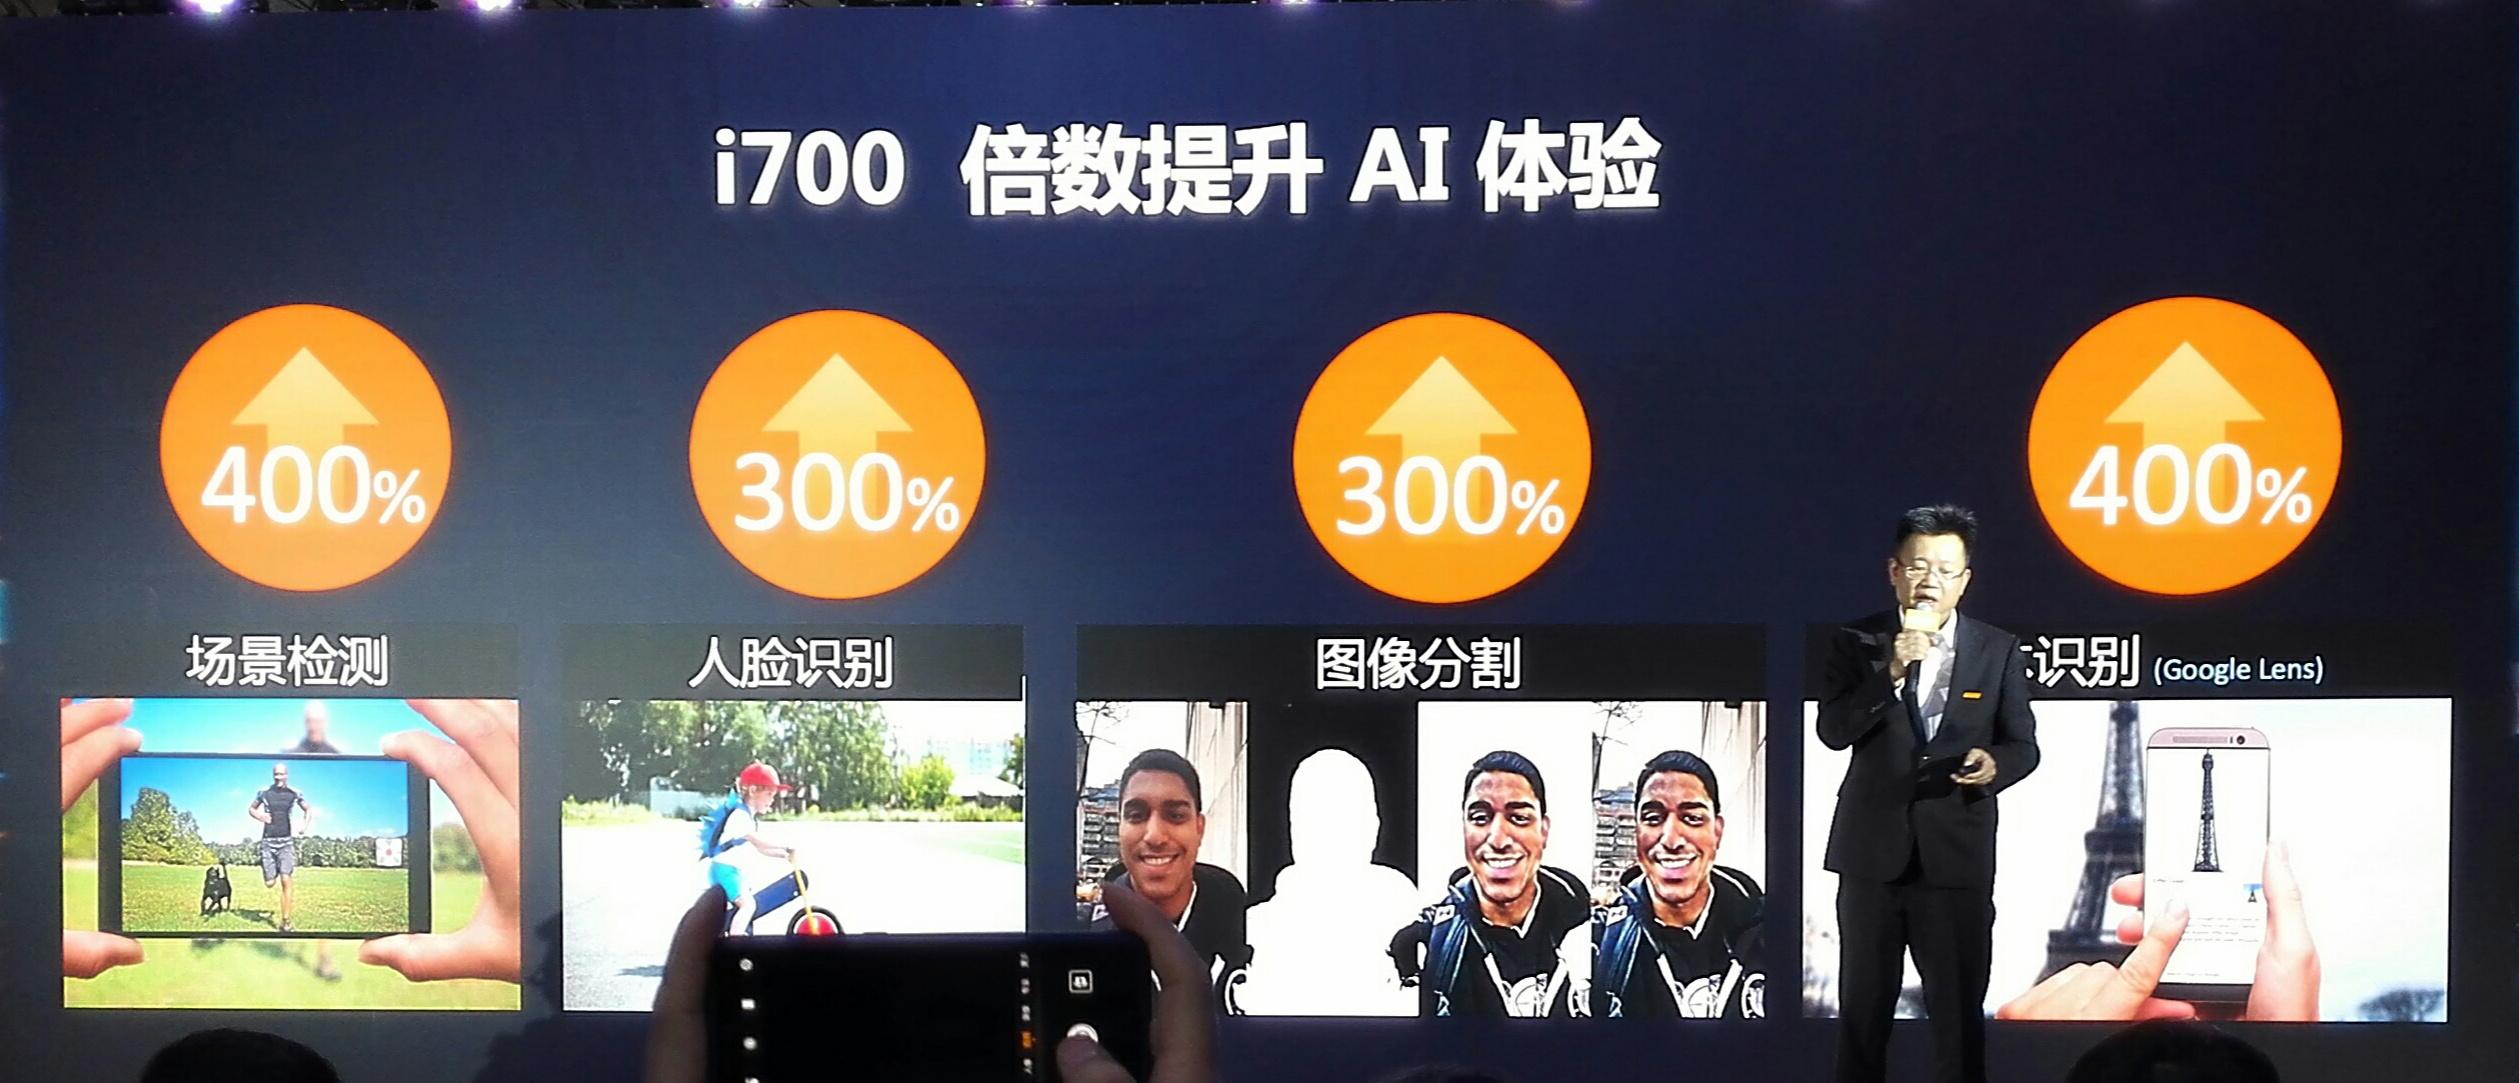 i700在AI、无线和绘图方面升级了性能